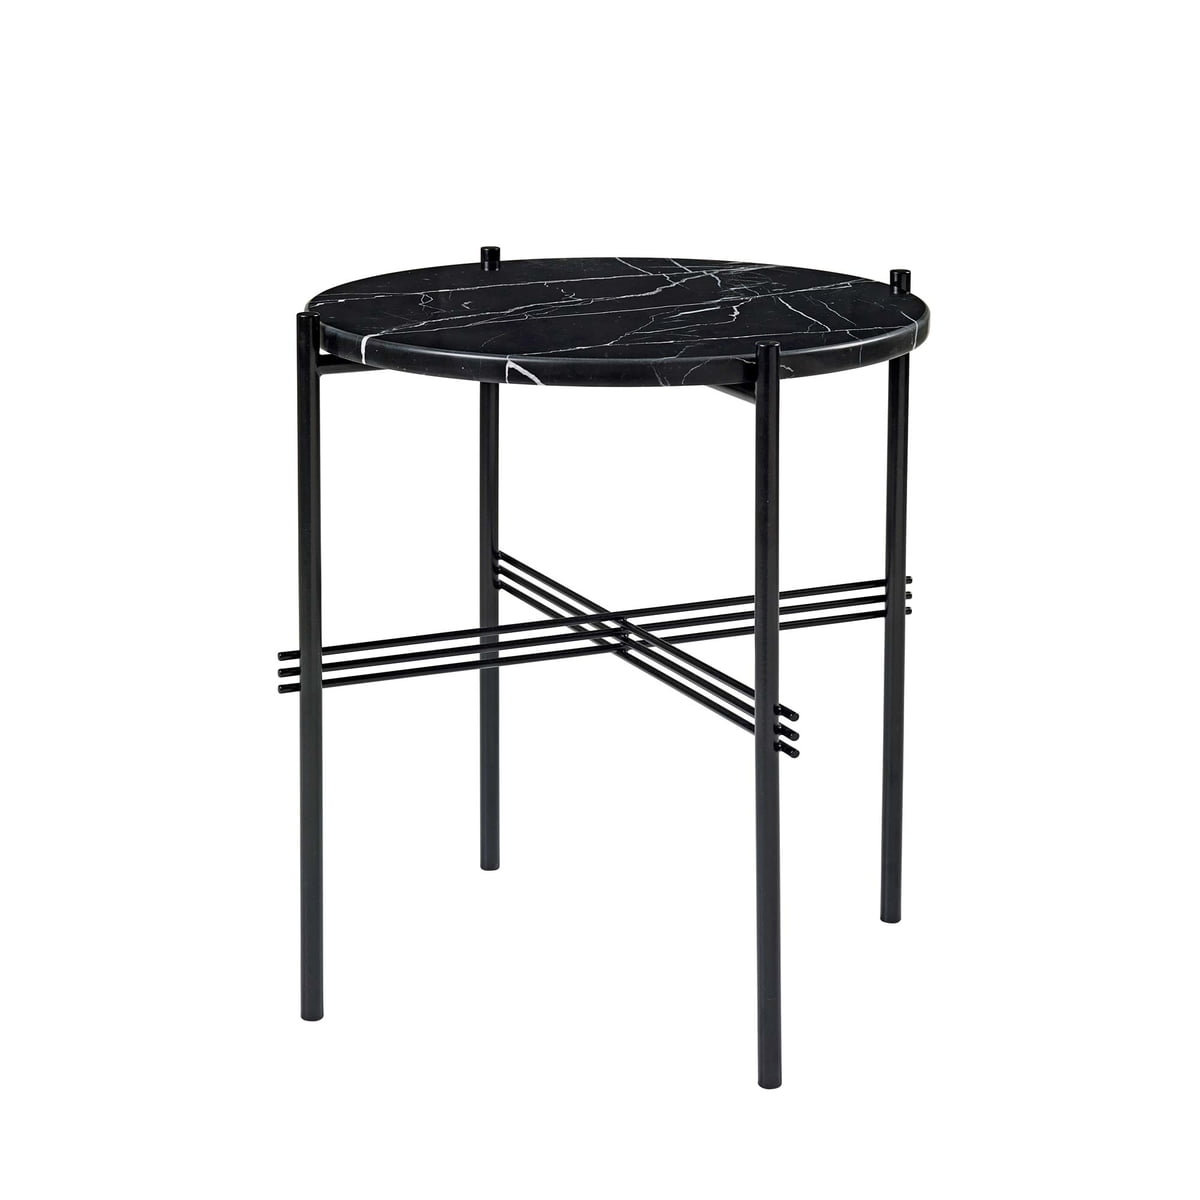 gubi ts couchtisch 40 cm schwarz marmor schwarz. Black Bedroom Furniture Sets. Home Design Ideas